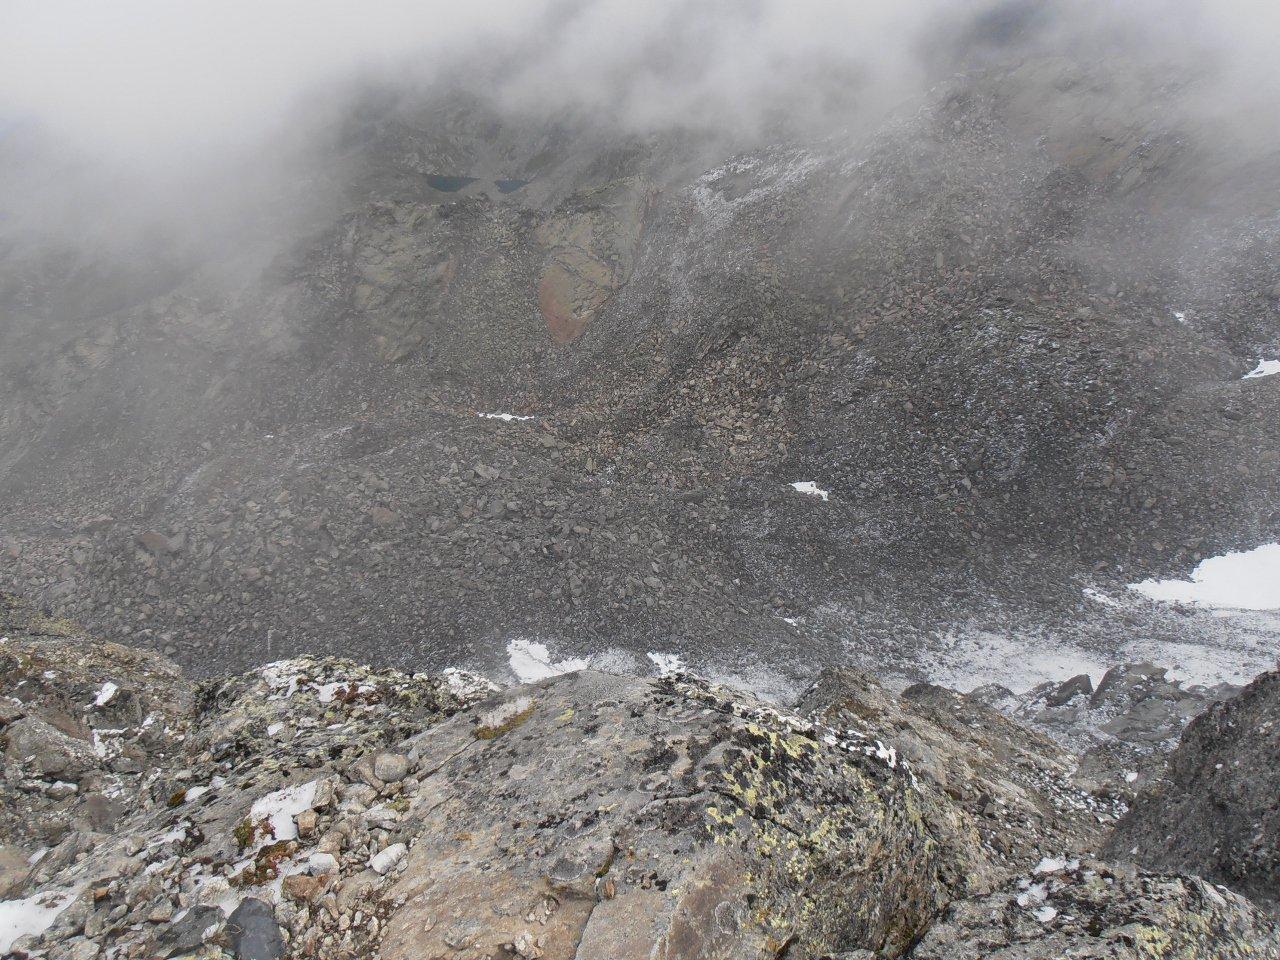 05 - notevole salto nel vuoto dalla cima sulla parete nord